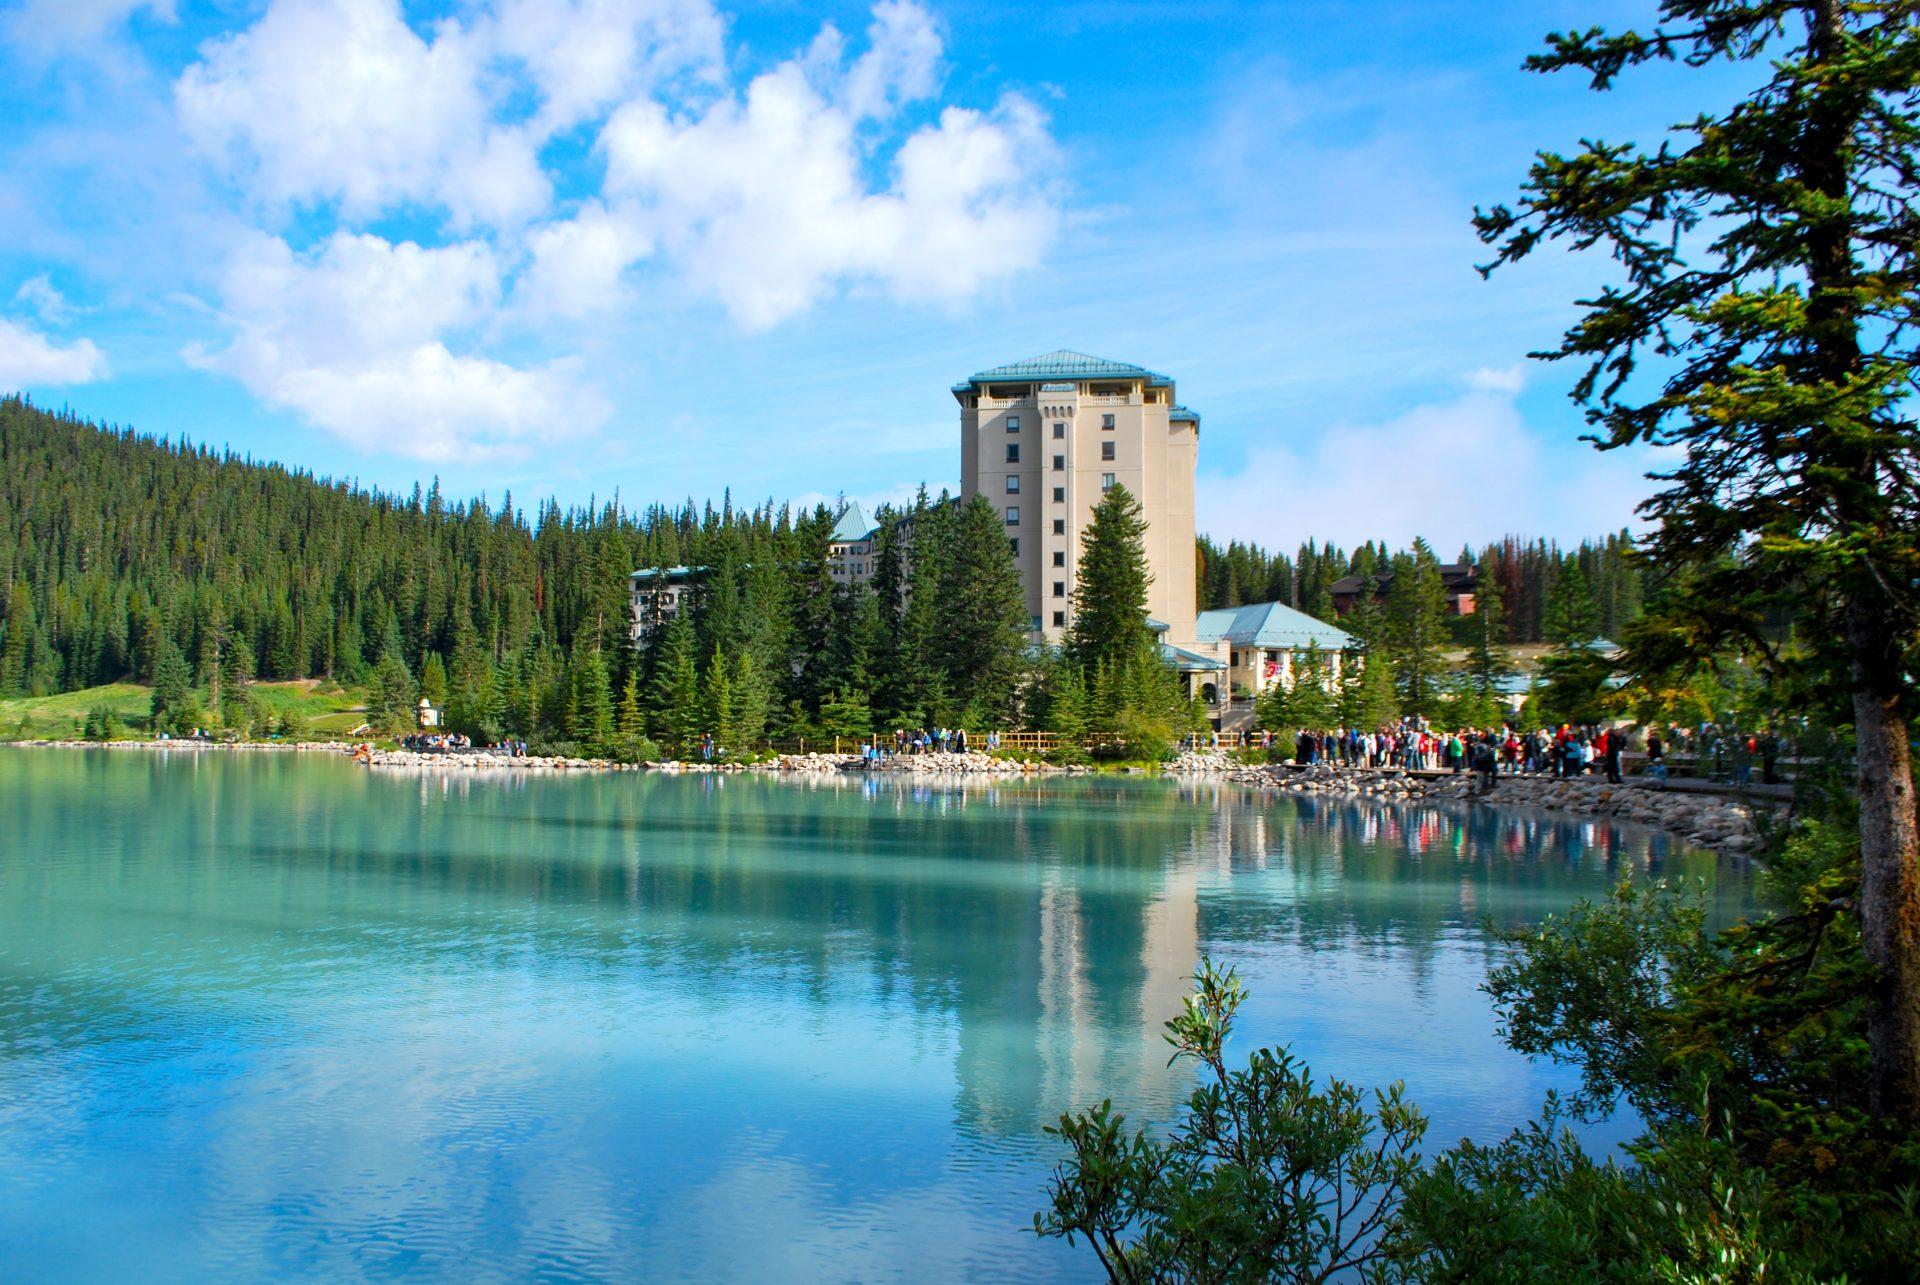 Se hospedar no Fairmont Château Lake Louise é uma experiência incomparável